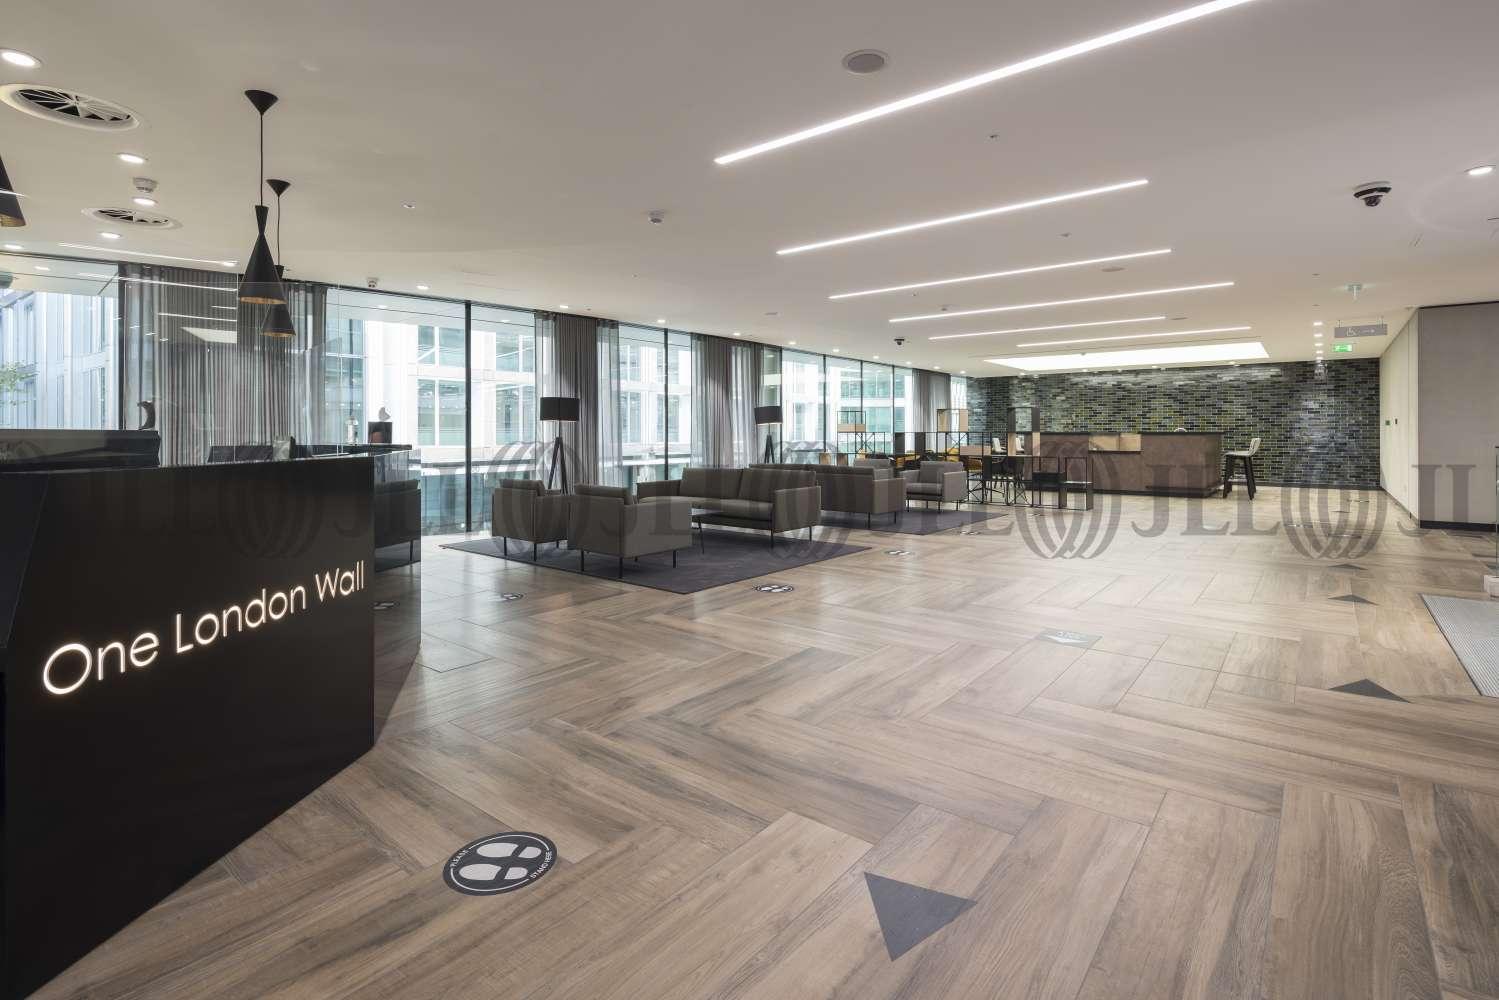 Office London, EC2Y 5JU - 1 London Wall